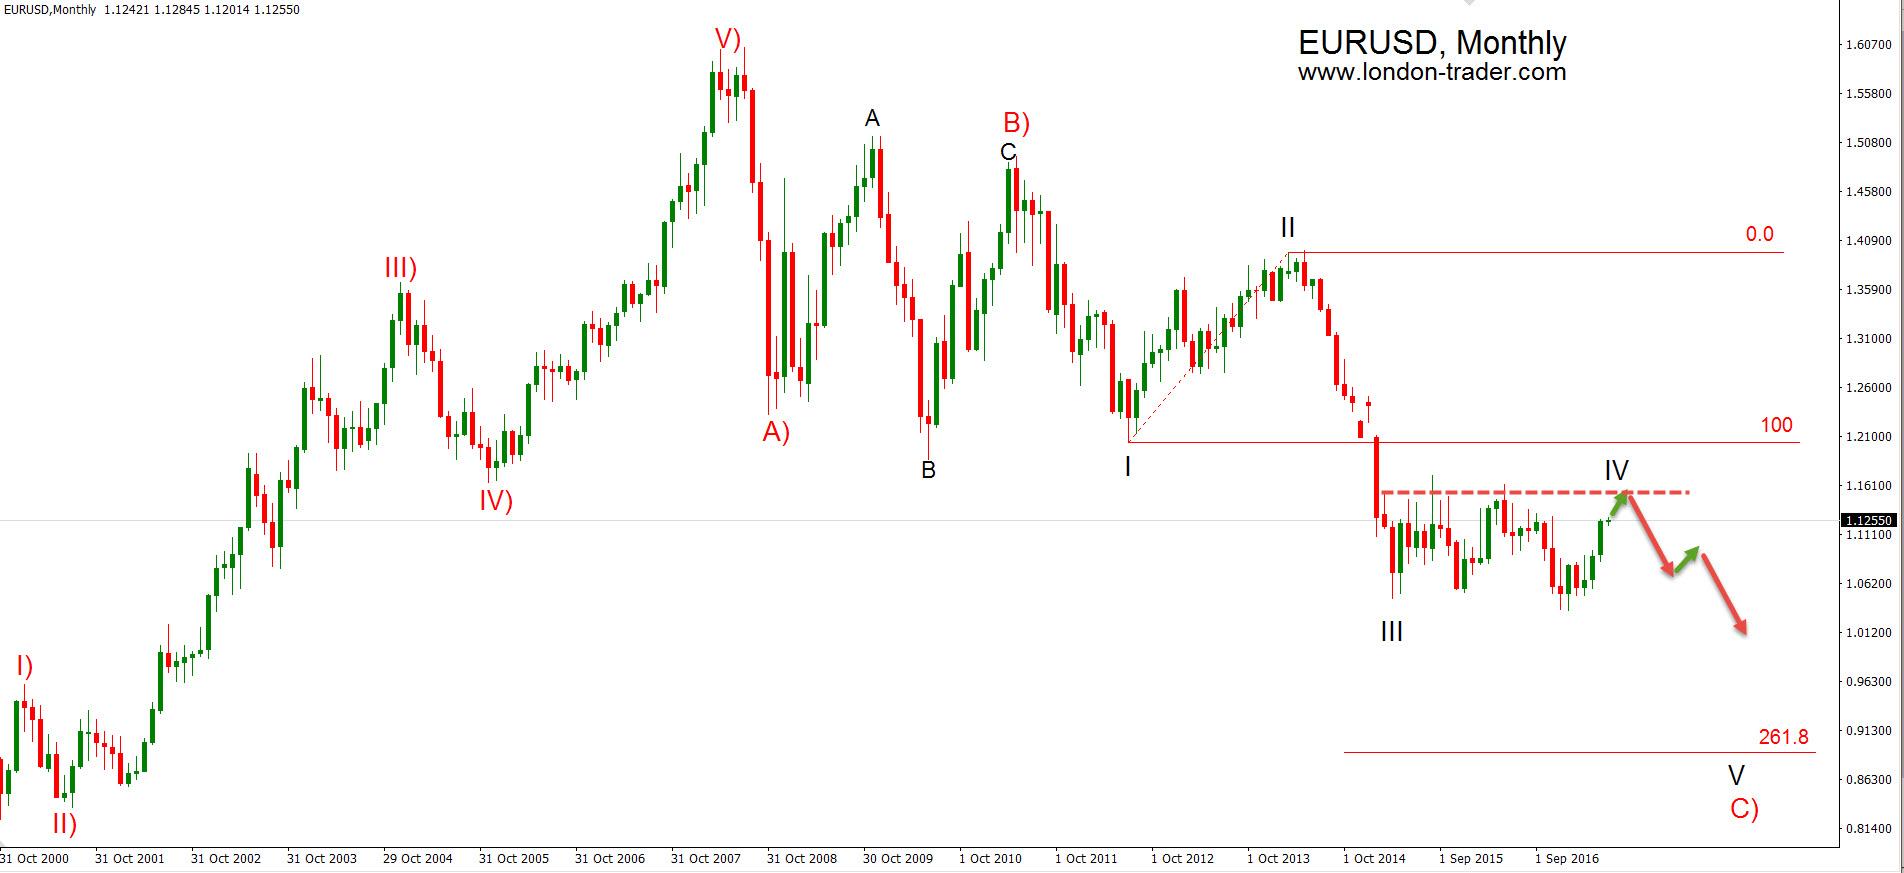 EURUSD monthly